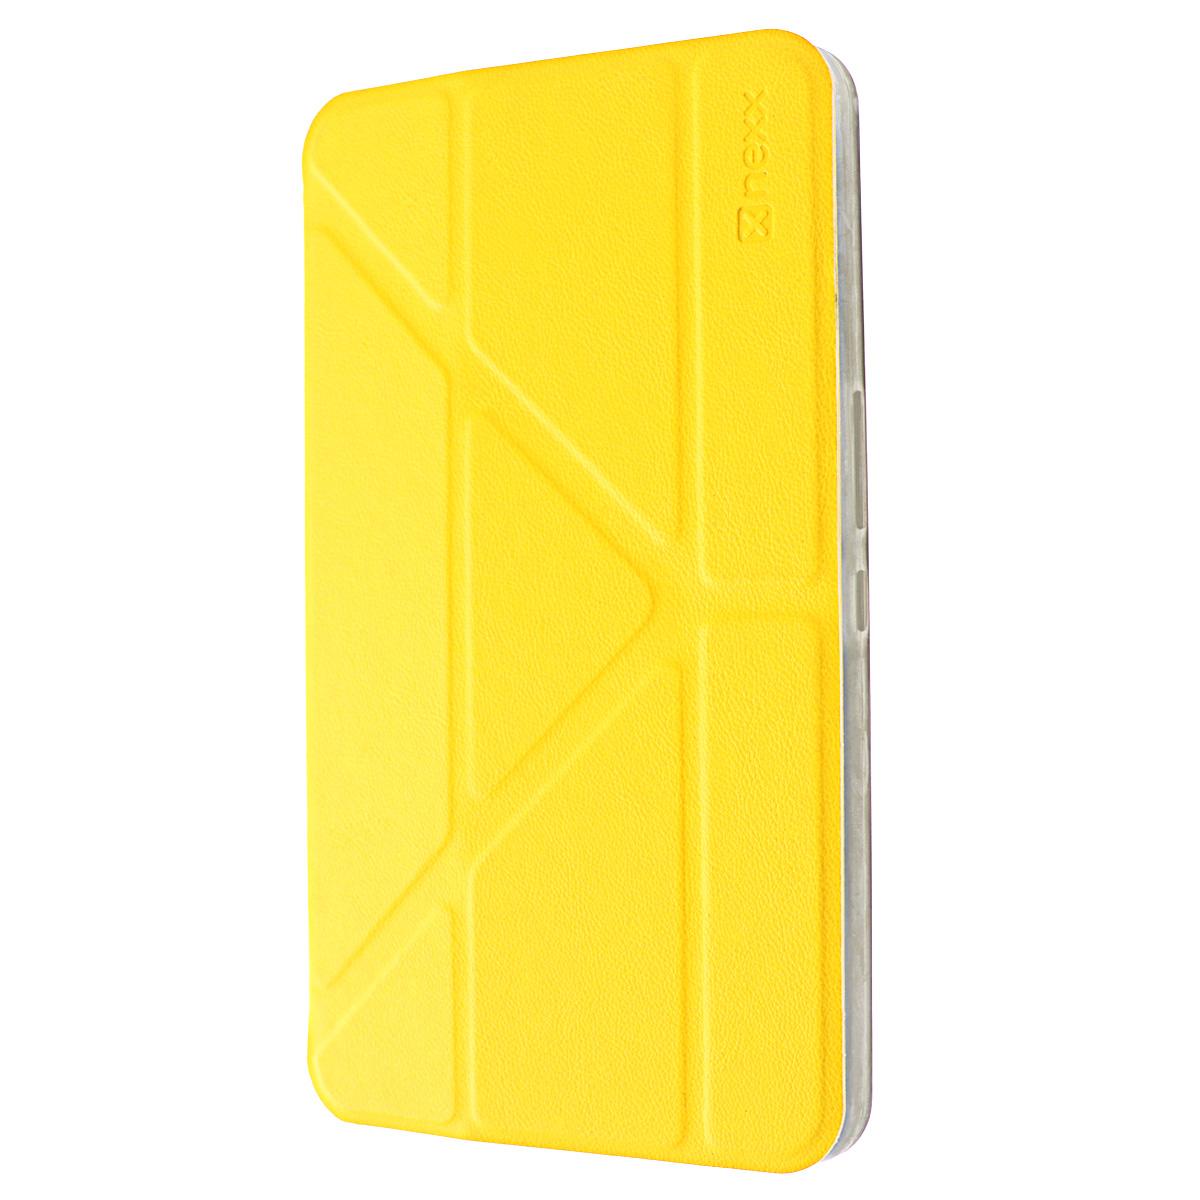 Nexx Smartt чехол для Samsung Galaxy Tab 4 10, YellowNX-TPC-ST-209-YLЗащитный чехол Nexx Smartt для Samsung Galaxy Tab 4 10. Коллекция чехлов Smartt сочетает в себе функциональность и надежность. Особенностью чехла является его способность принимать форму вашего планшета и сливаться с ним воедино, практически не увеличивая вес и габариты. Конструкция крышки чехла со встроенными магнитами позволяет разместить смартфон в удобном положении.